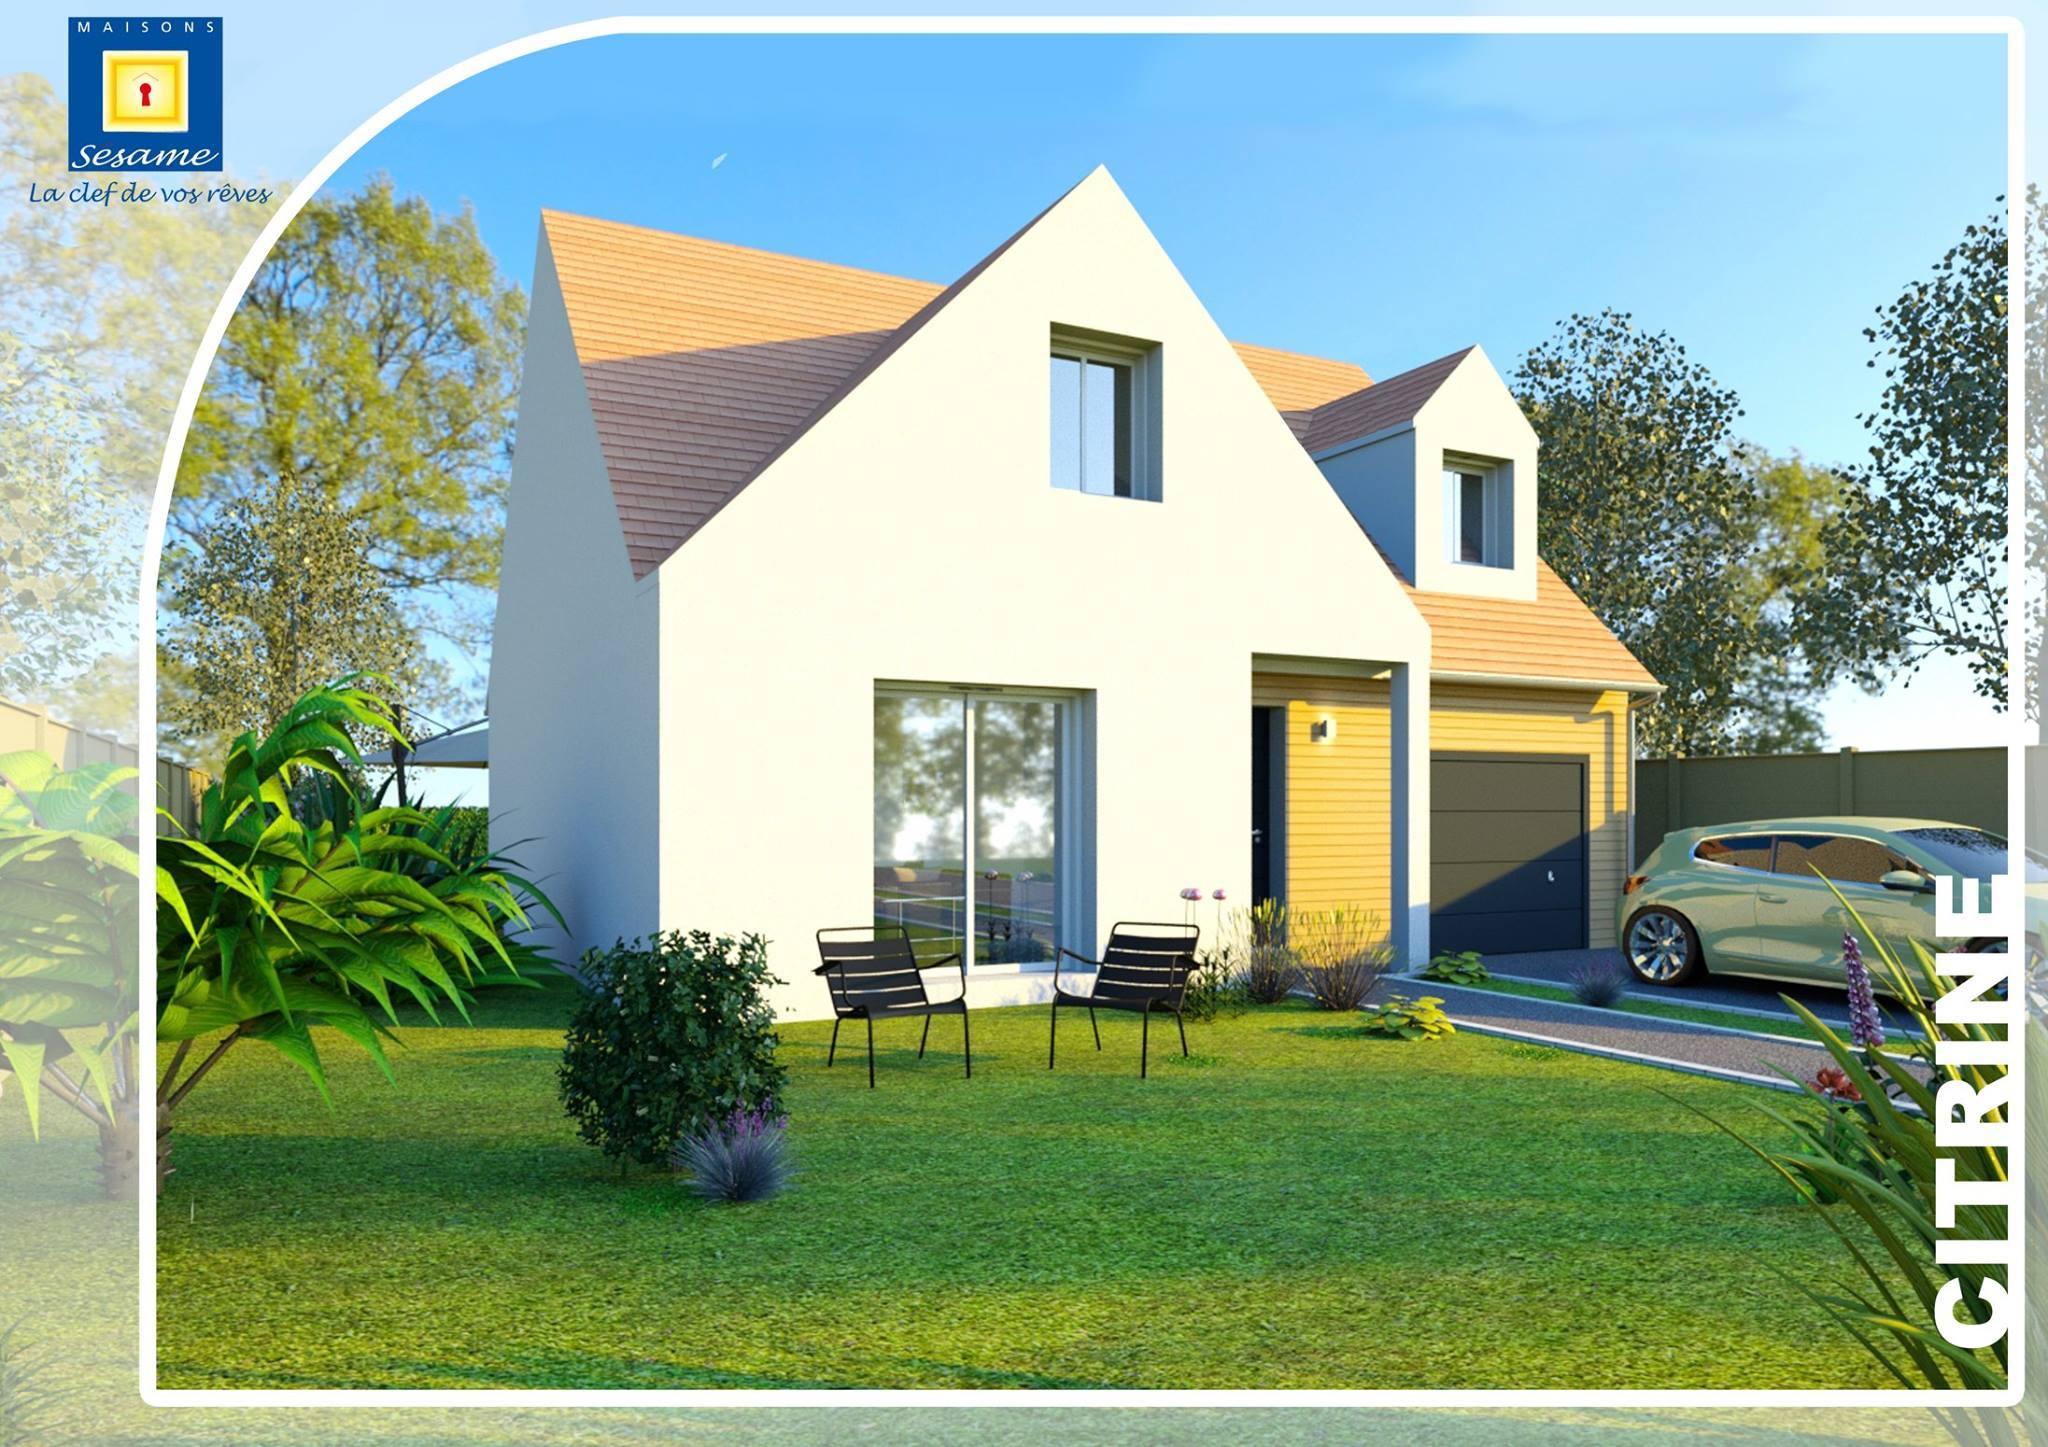 Mod le citrine de maisons s same une maison moderne avec for Plan de maison avec combles amenages